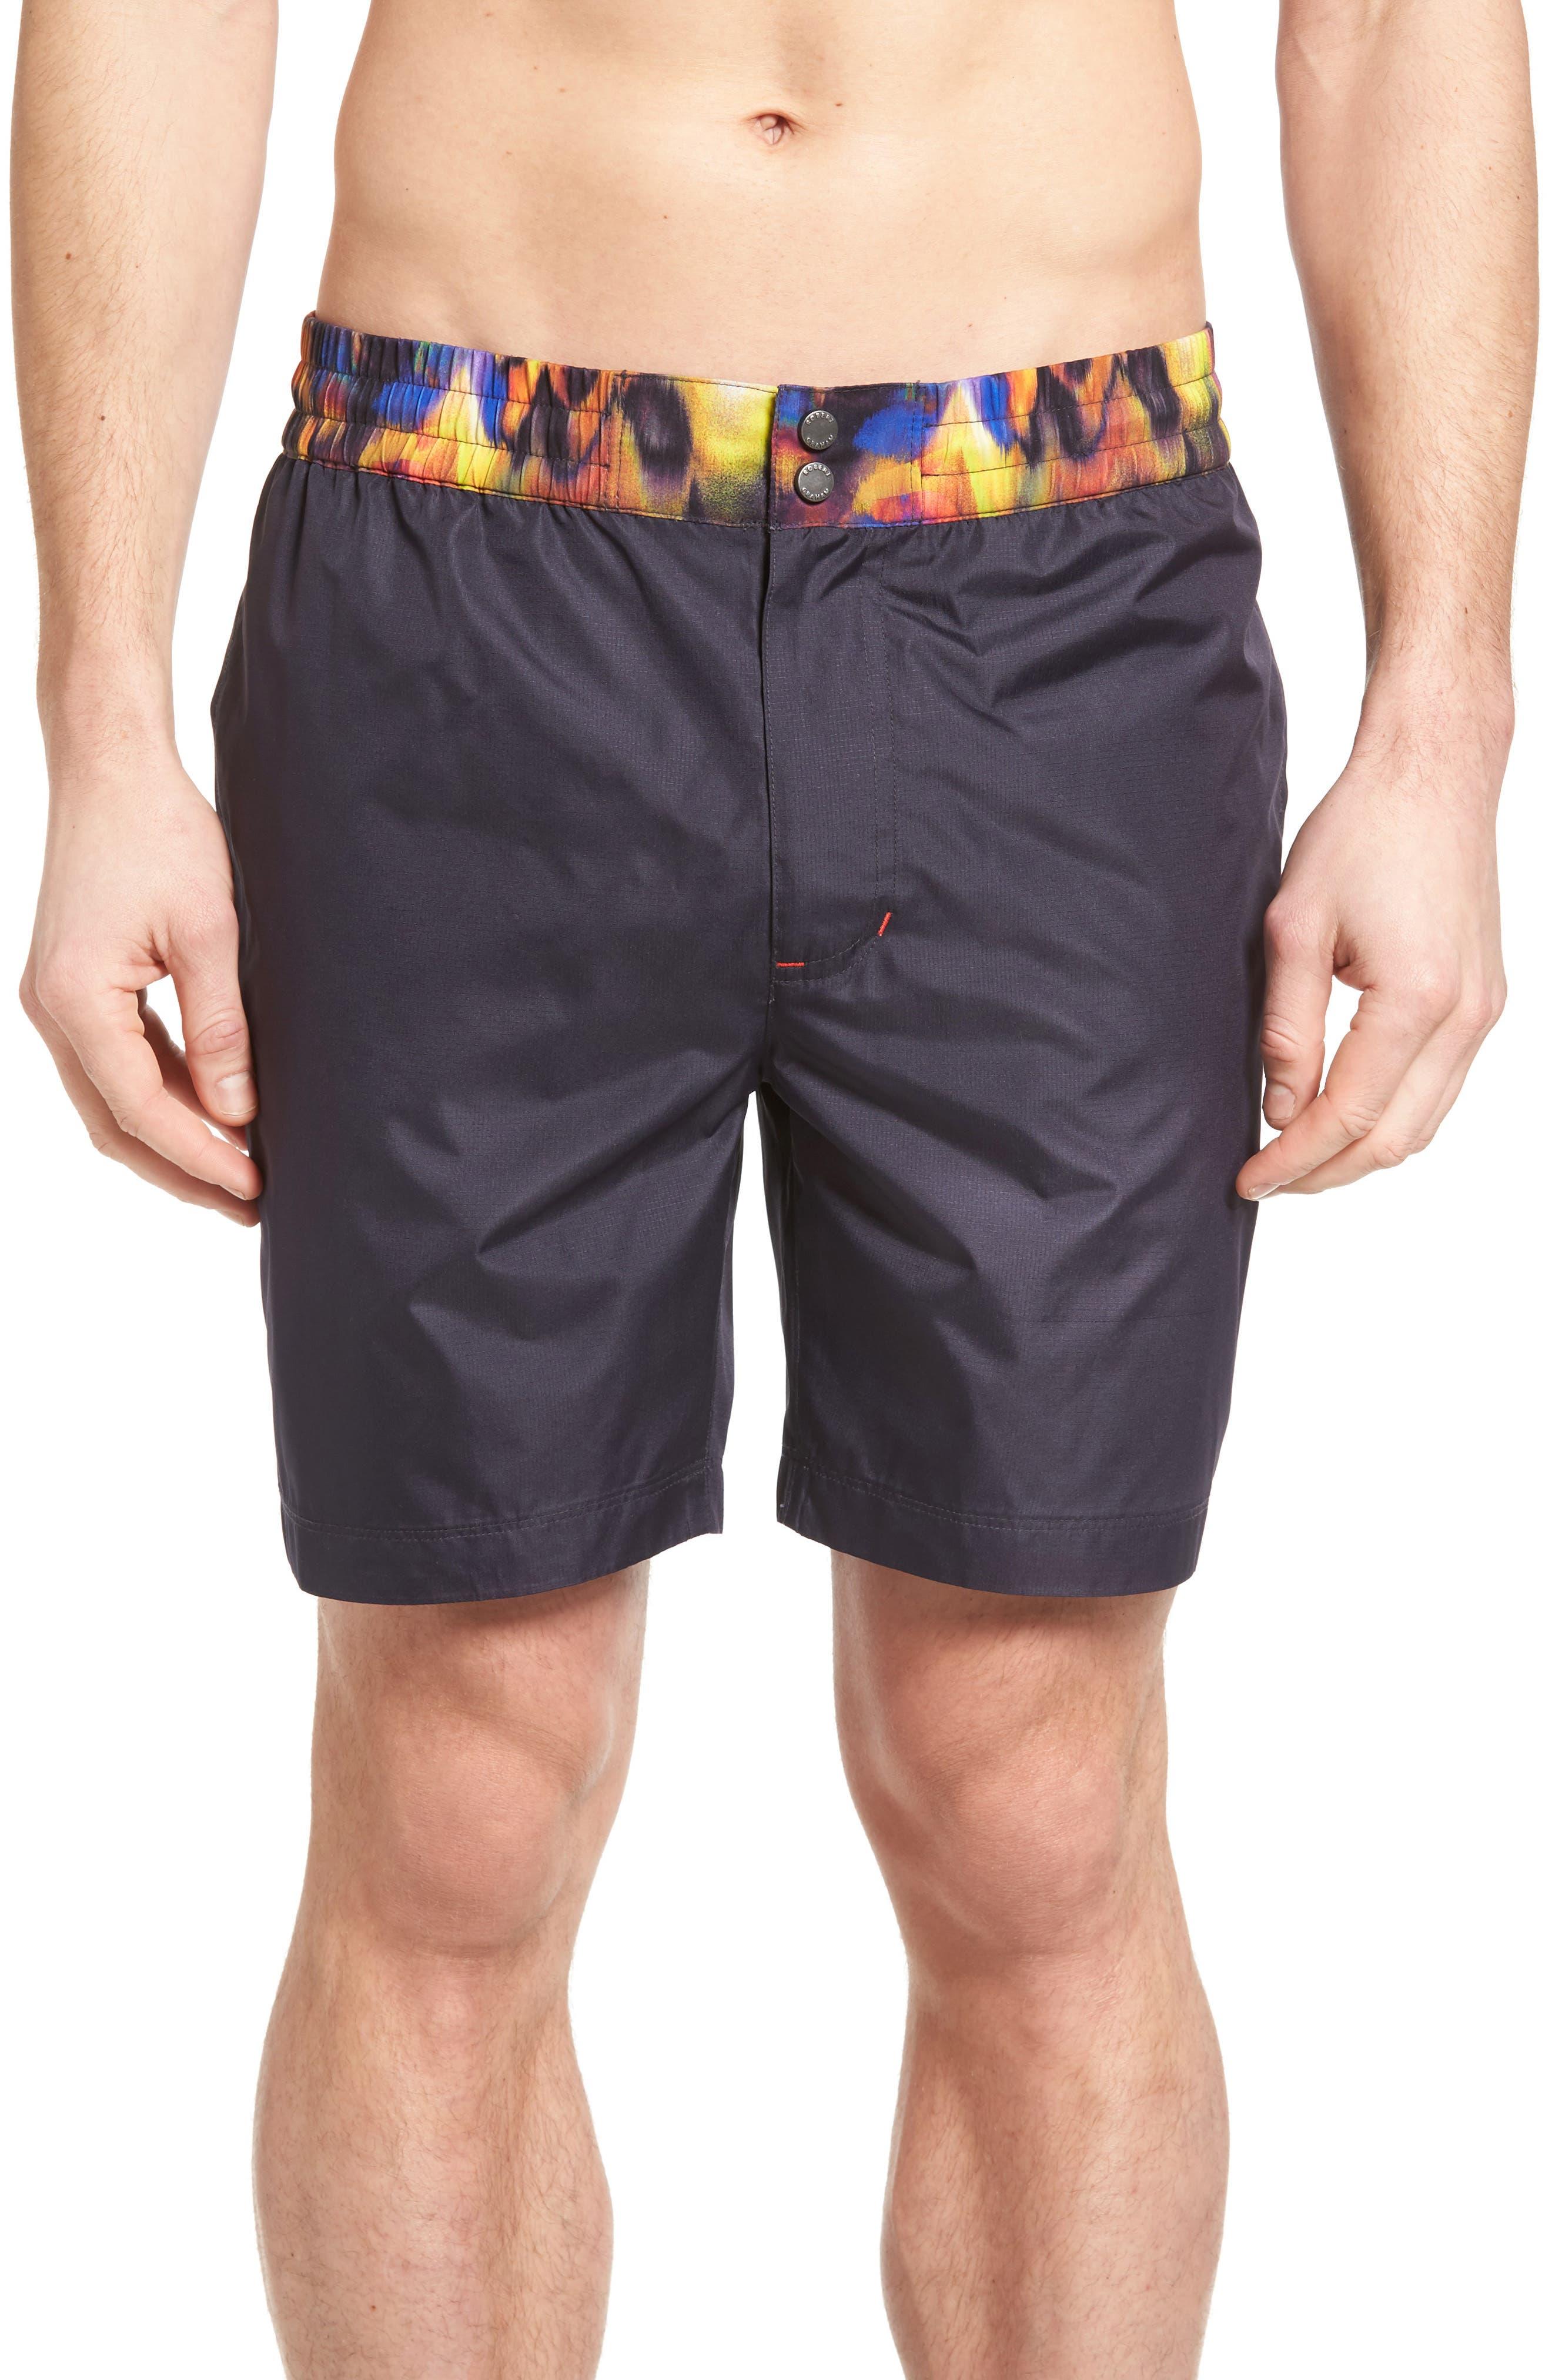 Boundless Board Shorts,                             Main thumbnail 1, color,                             410